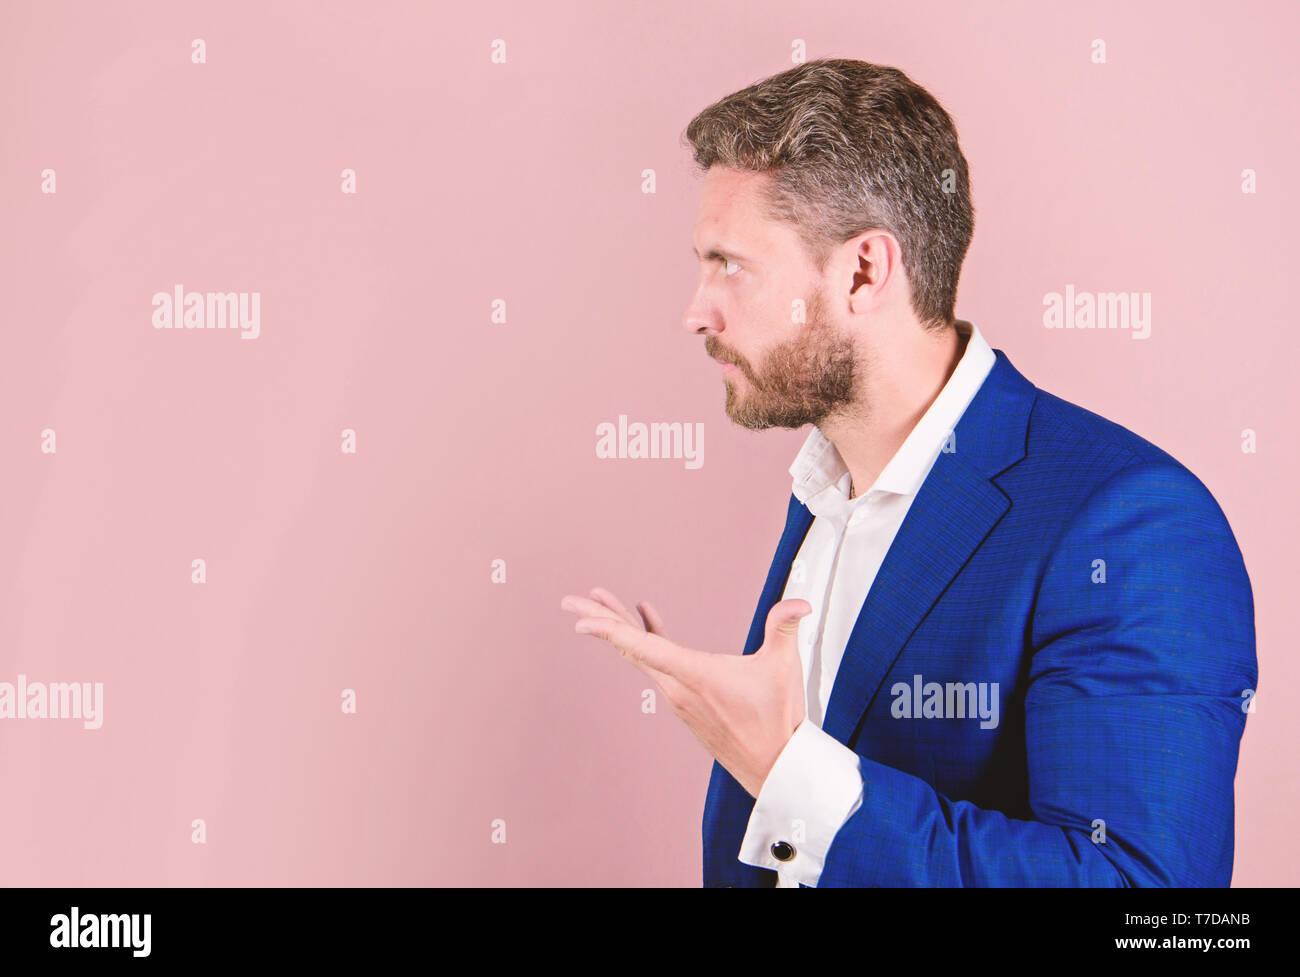 Habile discours de motivation copie fond rose de l'espace. Businessman Motiver les collègues. Homme barbu homme parlant avec des geste de la main. Expliquer concept. Photo Stock